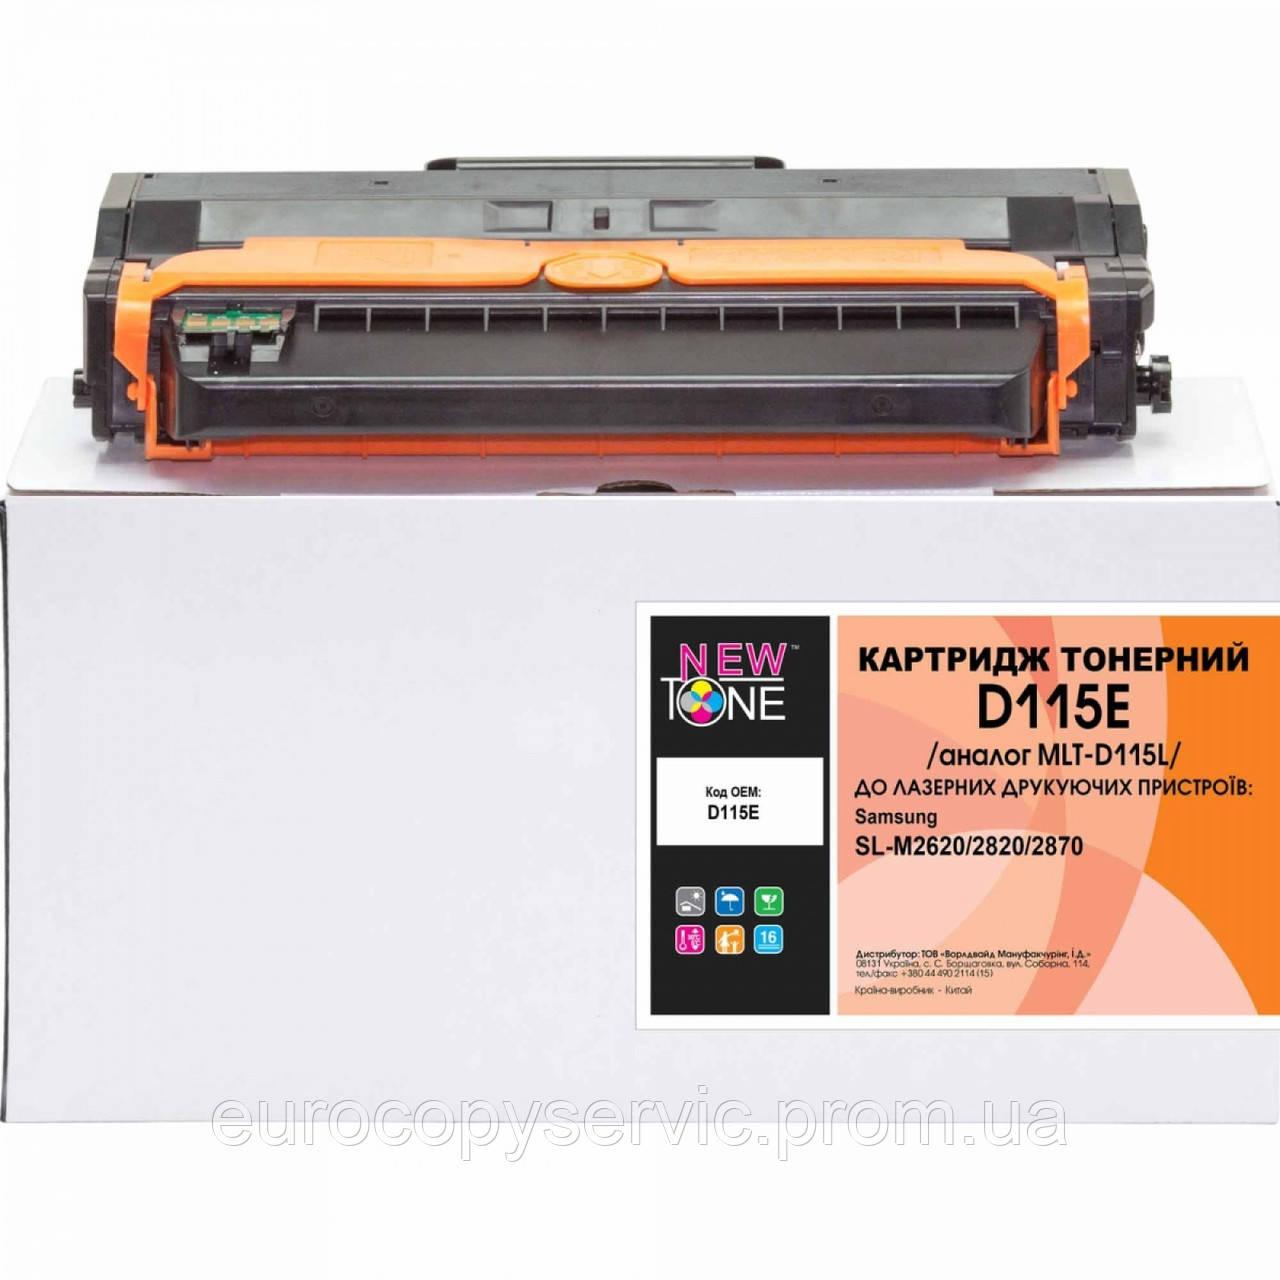 Тонер-картридж NewTone для SAMSUNG SL-M2620 / 2820/2870 аналог MLT-D115L Black (D115E)